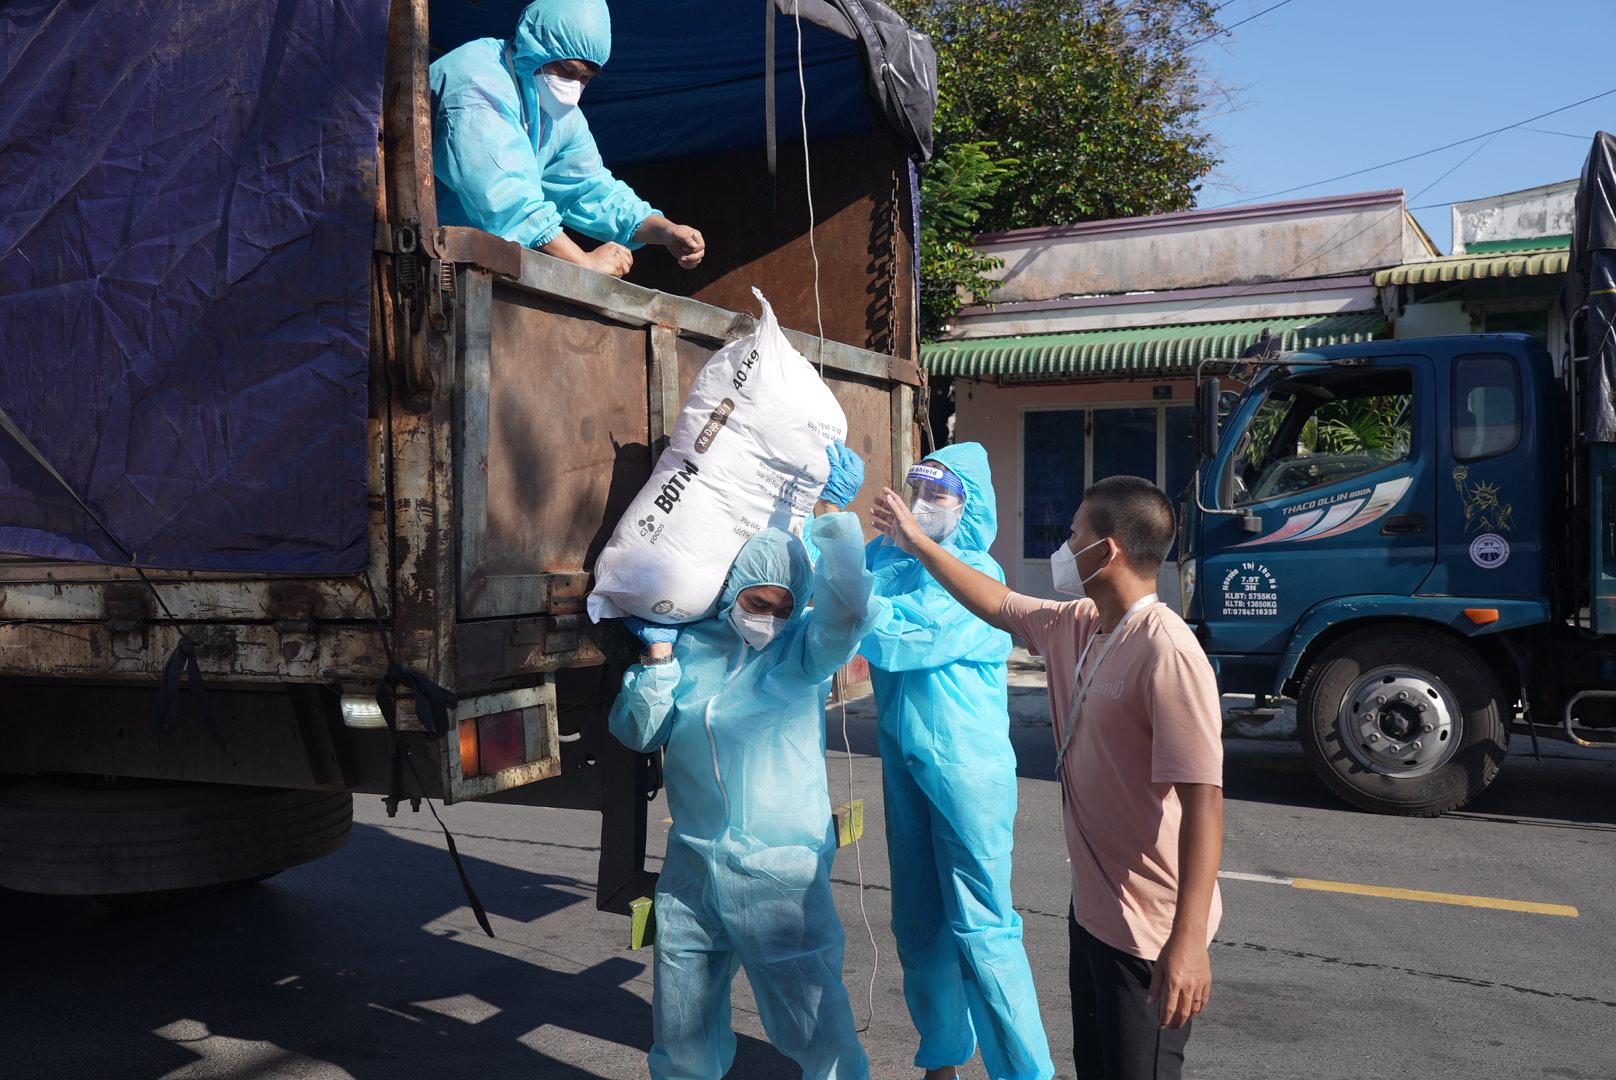 Hoa hậu H'Hen Niê lăn xả làm việc, bê bao gạo nặng 50kg, được gọi hoa hậu bốc vác-3